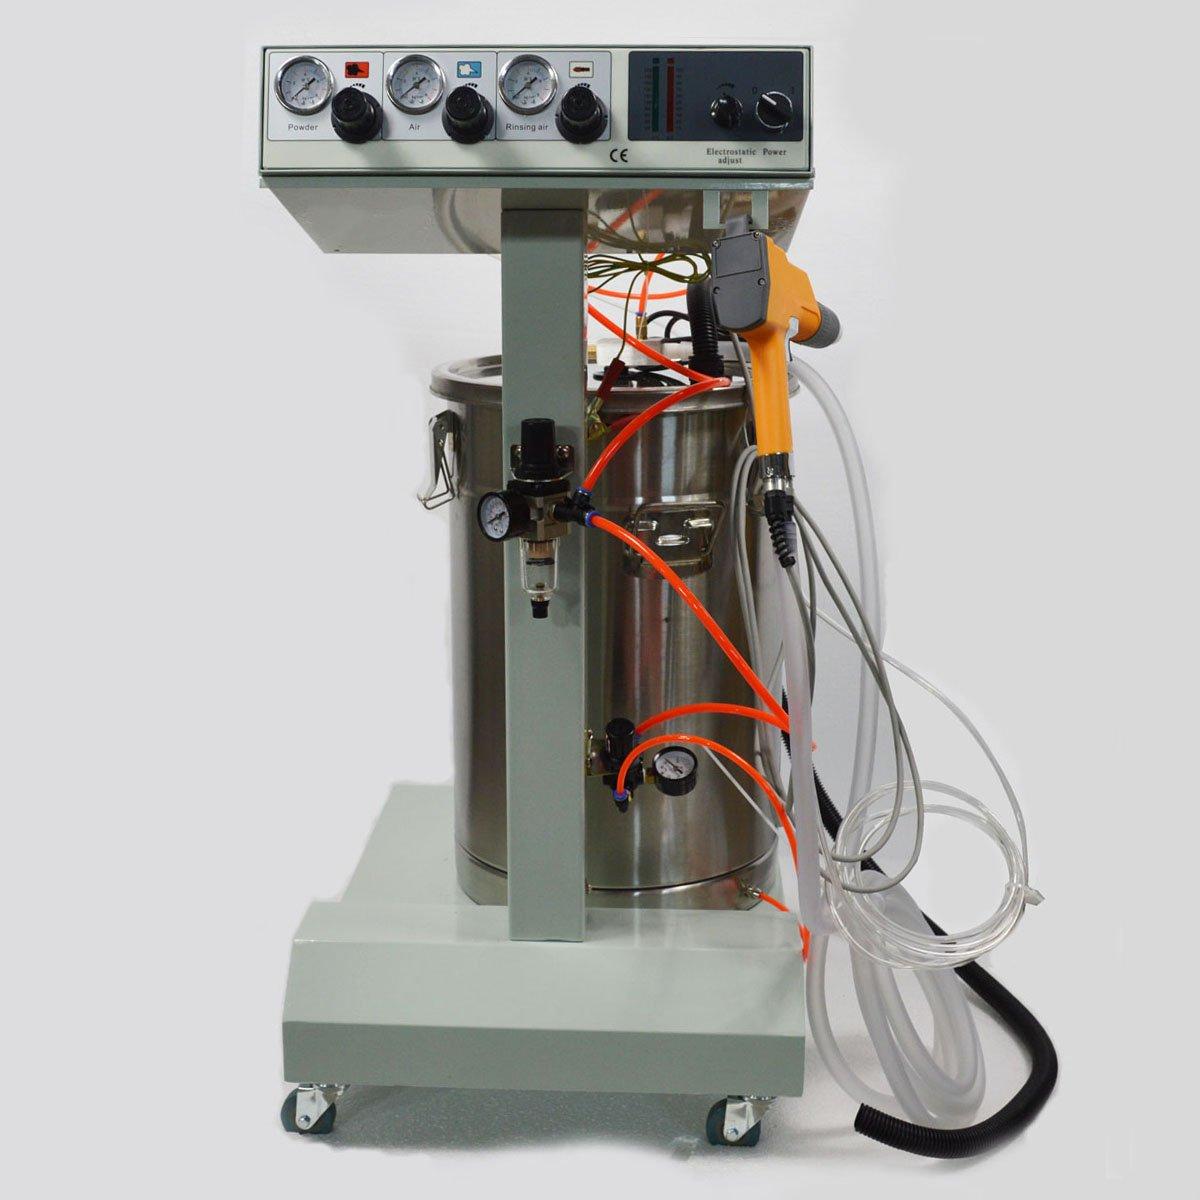 Techtongda Electrostatic Powder Coating Machine Spray Gun Paint System 110V(item# 251040)